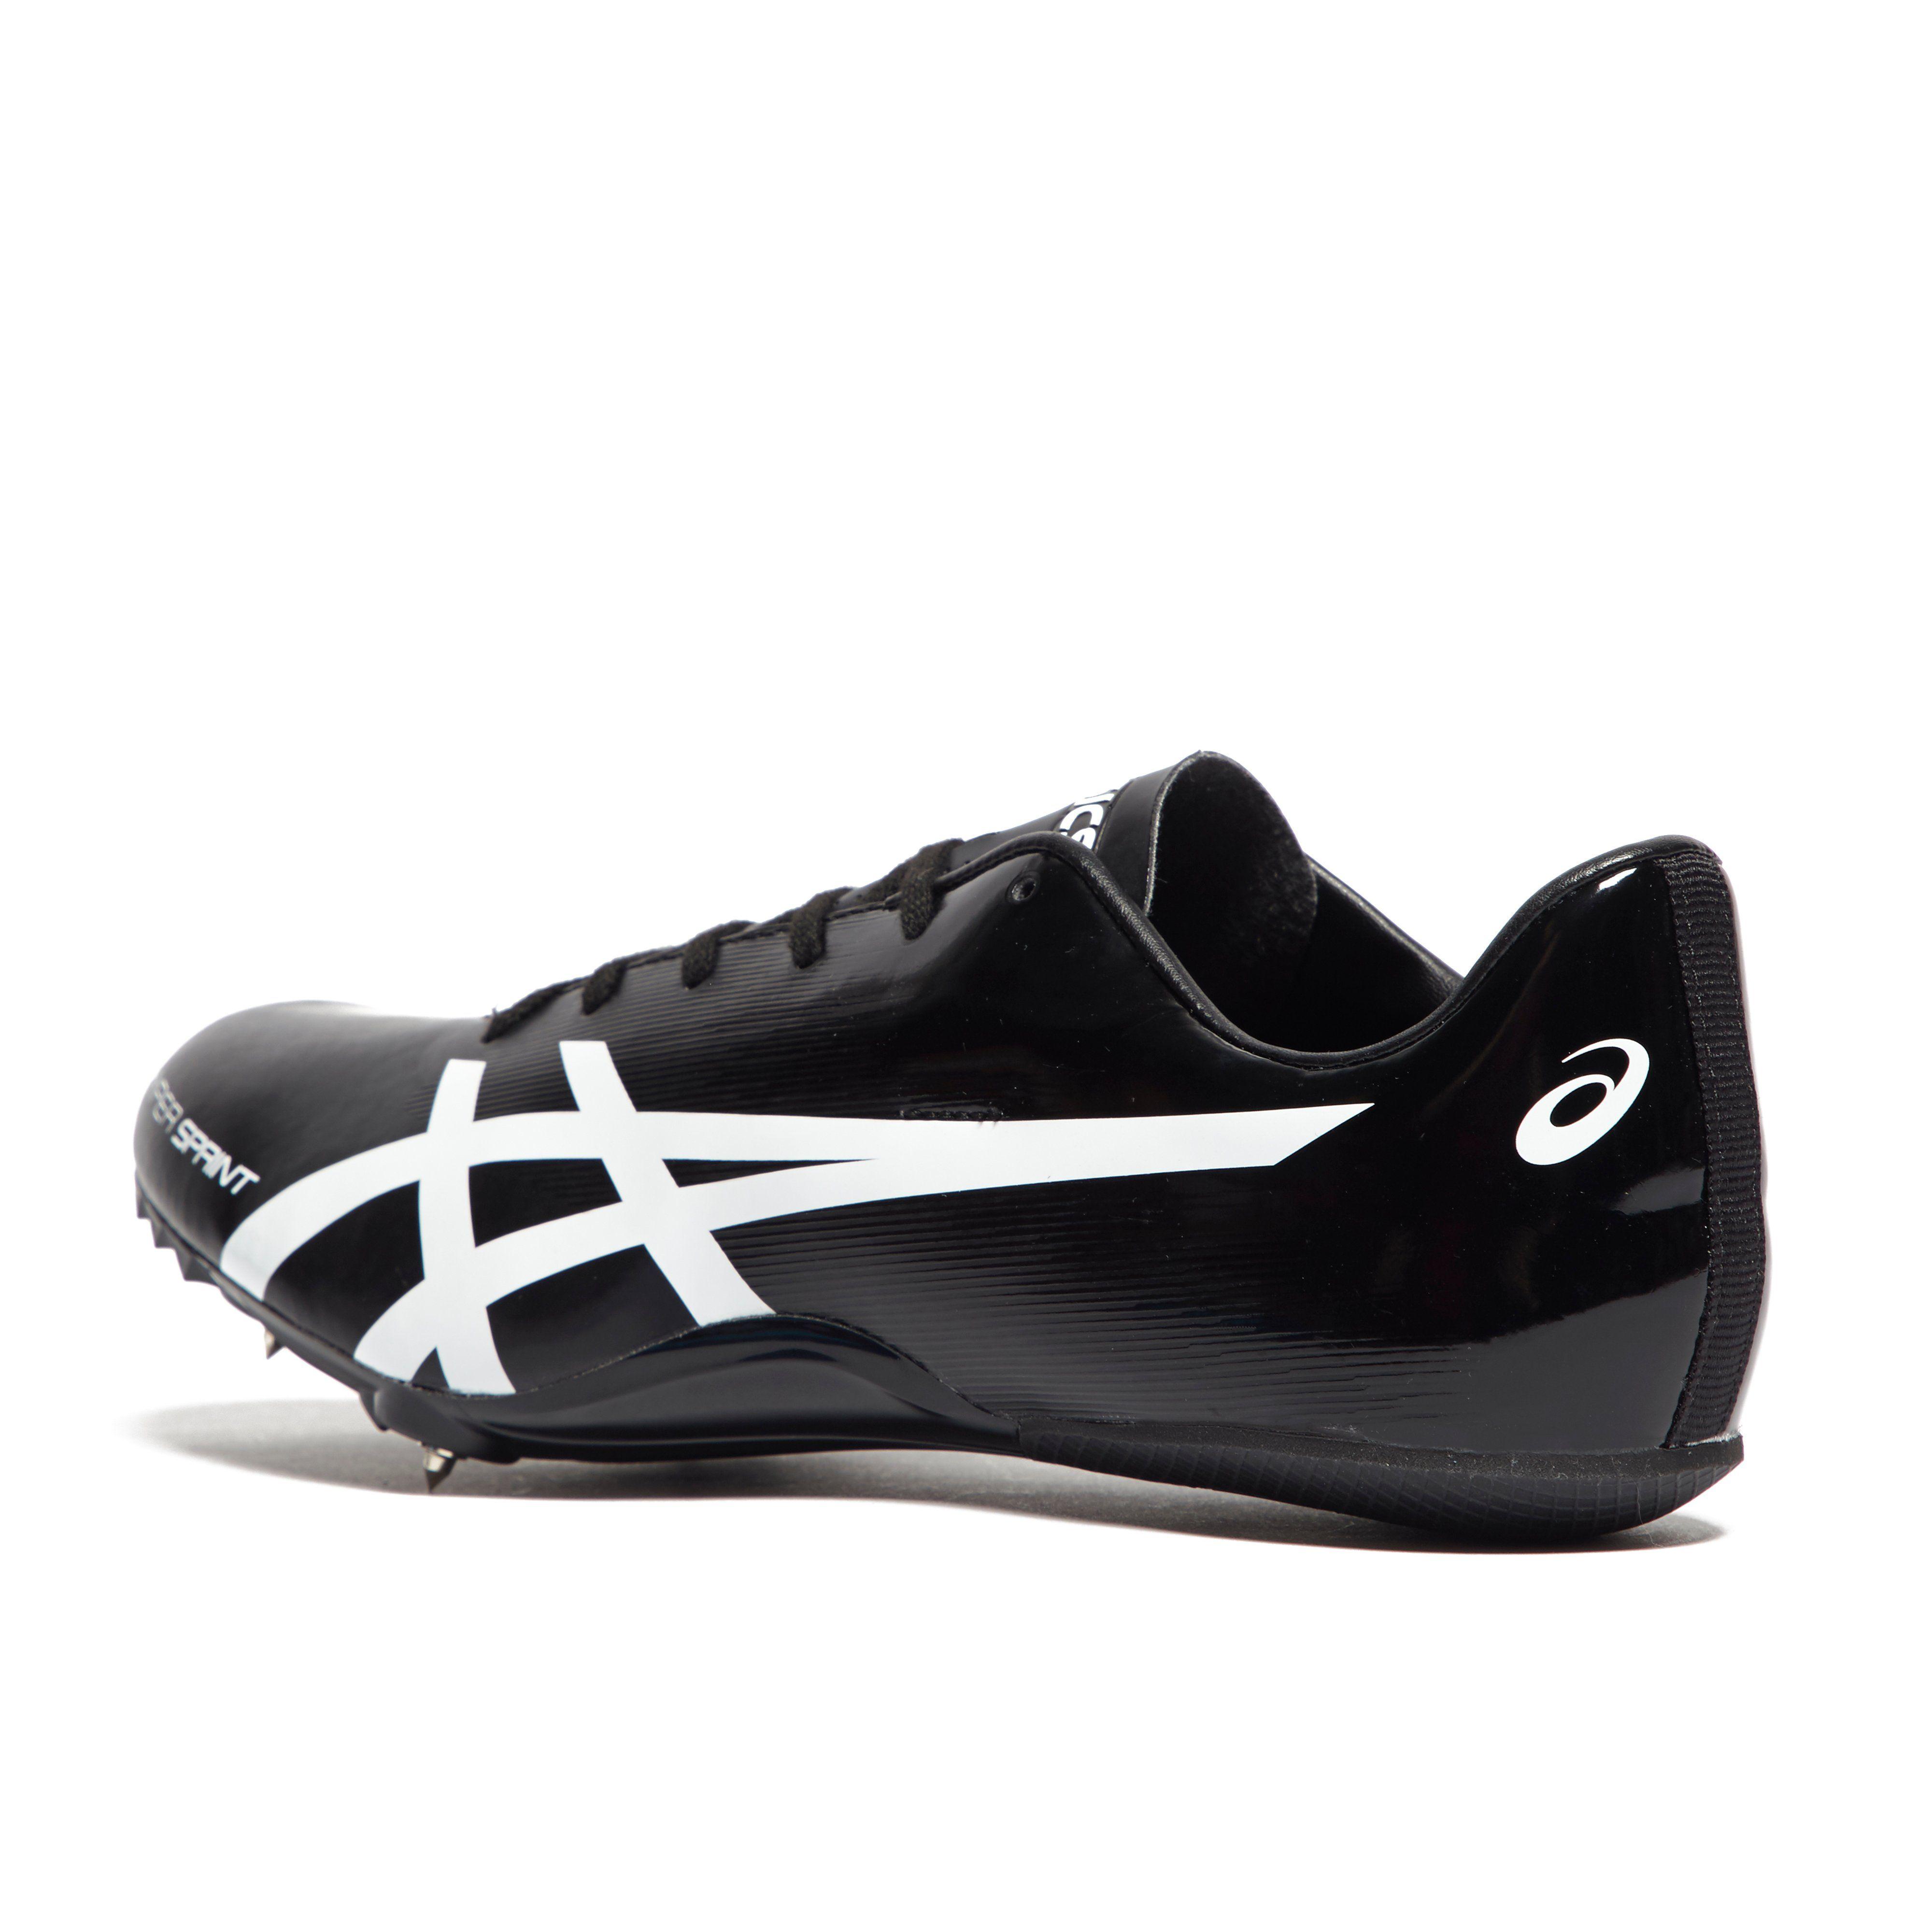 Asics Hyper Sprint 7 Men's Track Running Shoes